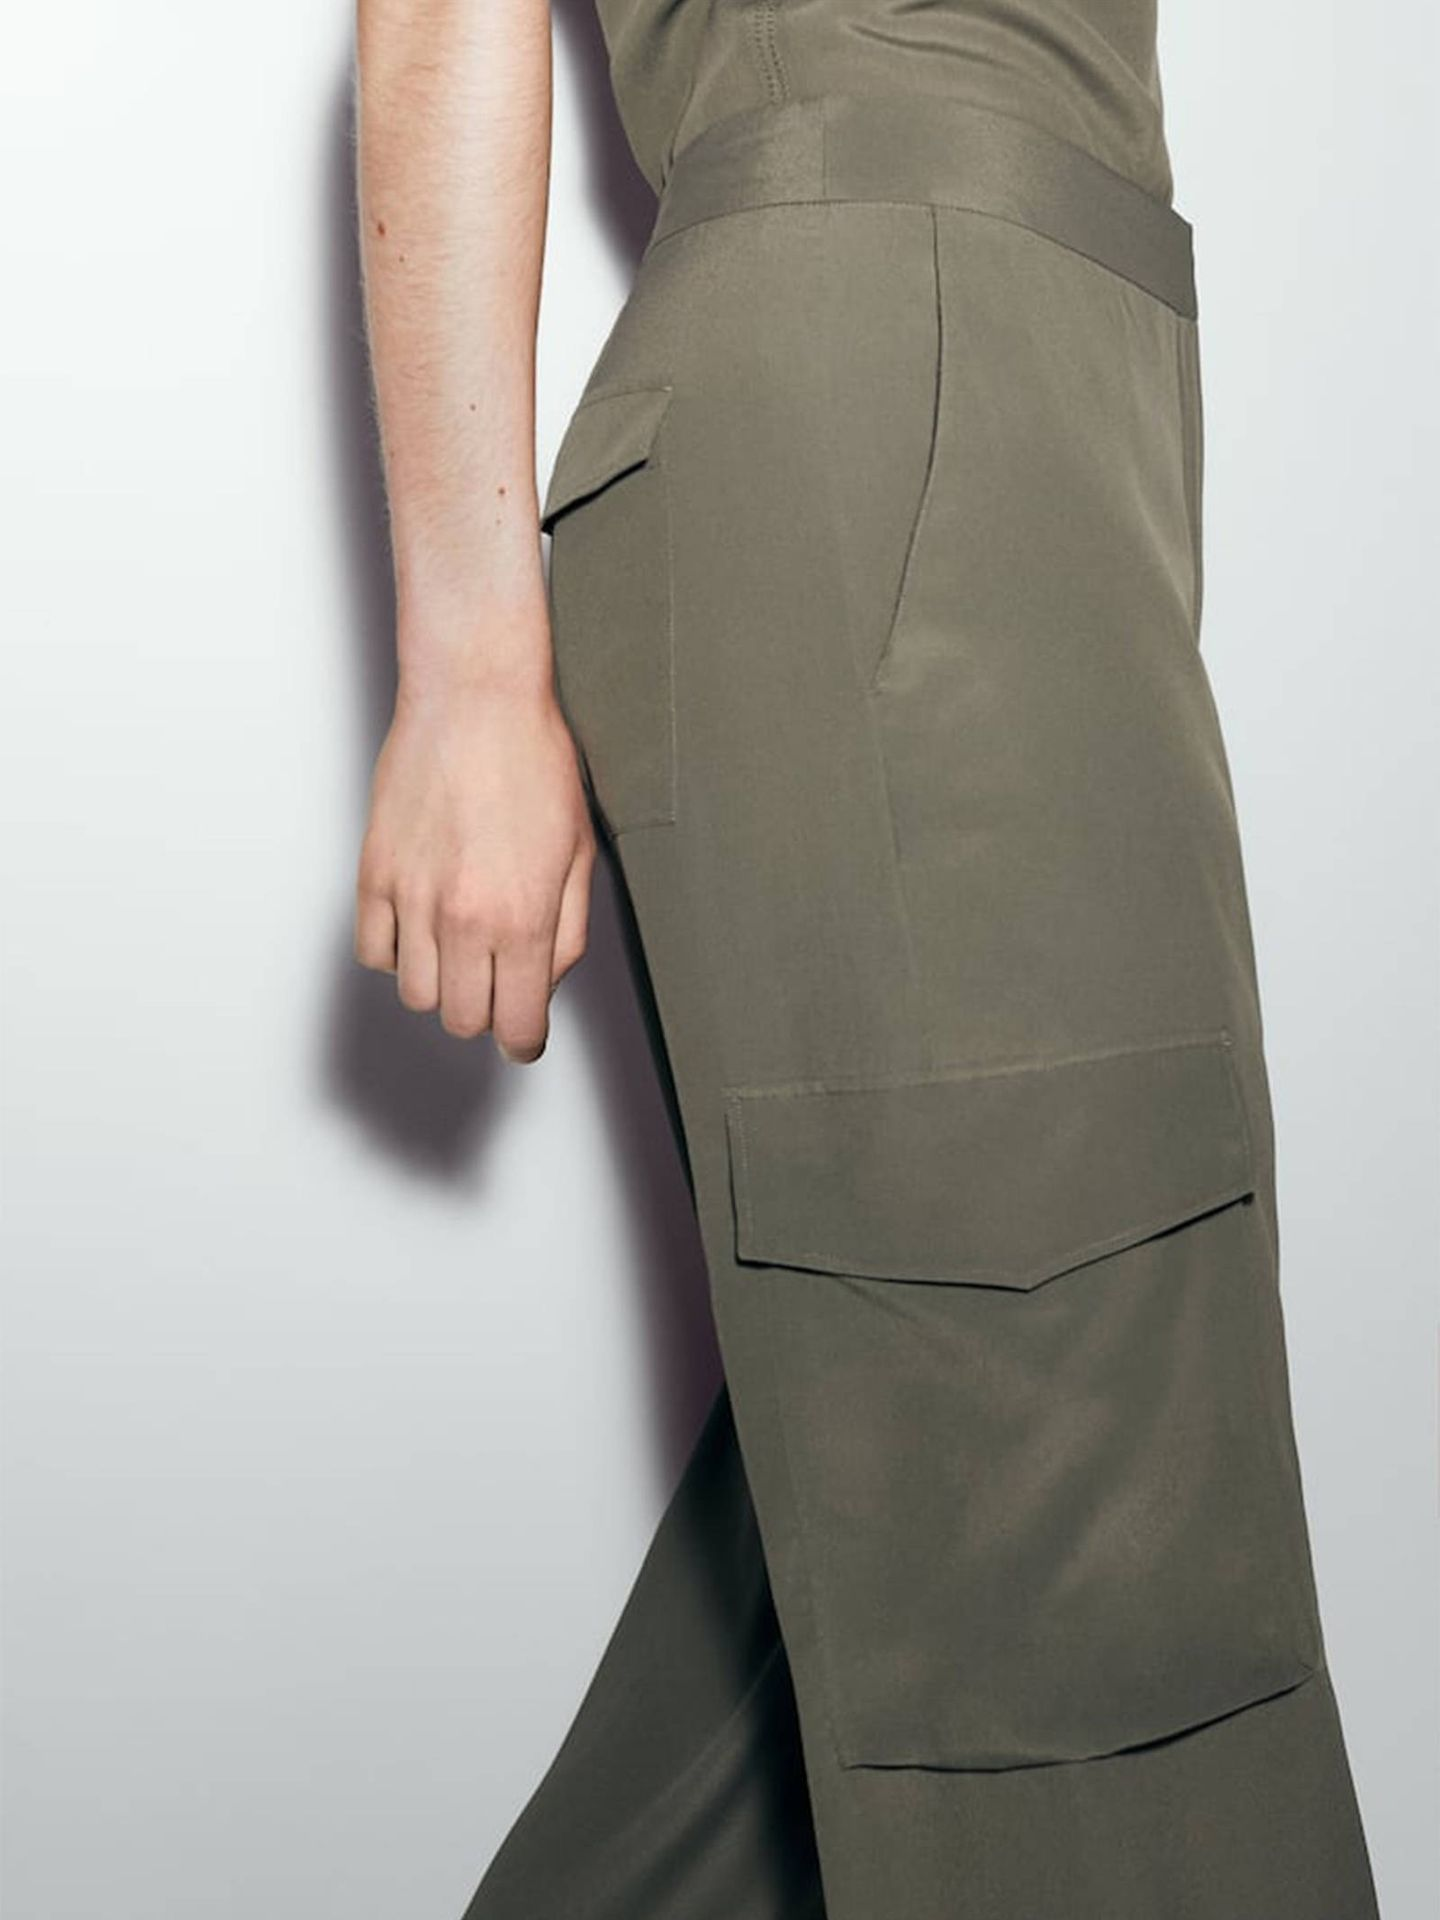 Pantalones fluidos de Massimo Dutti. (Cortesía)